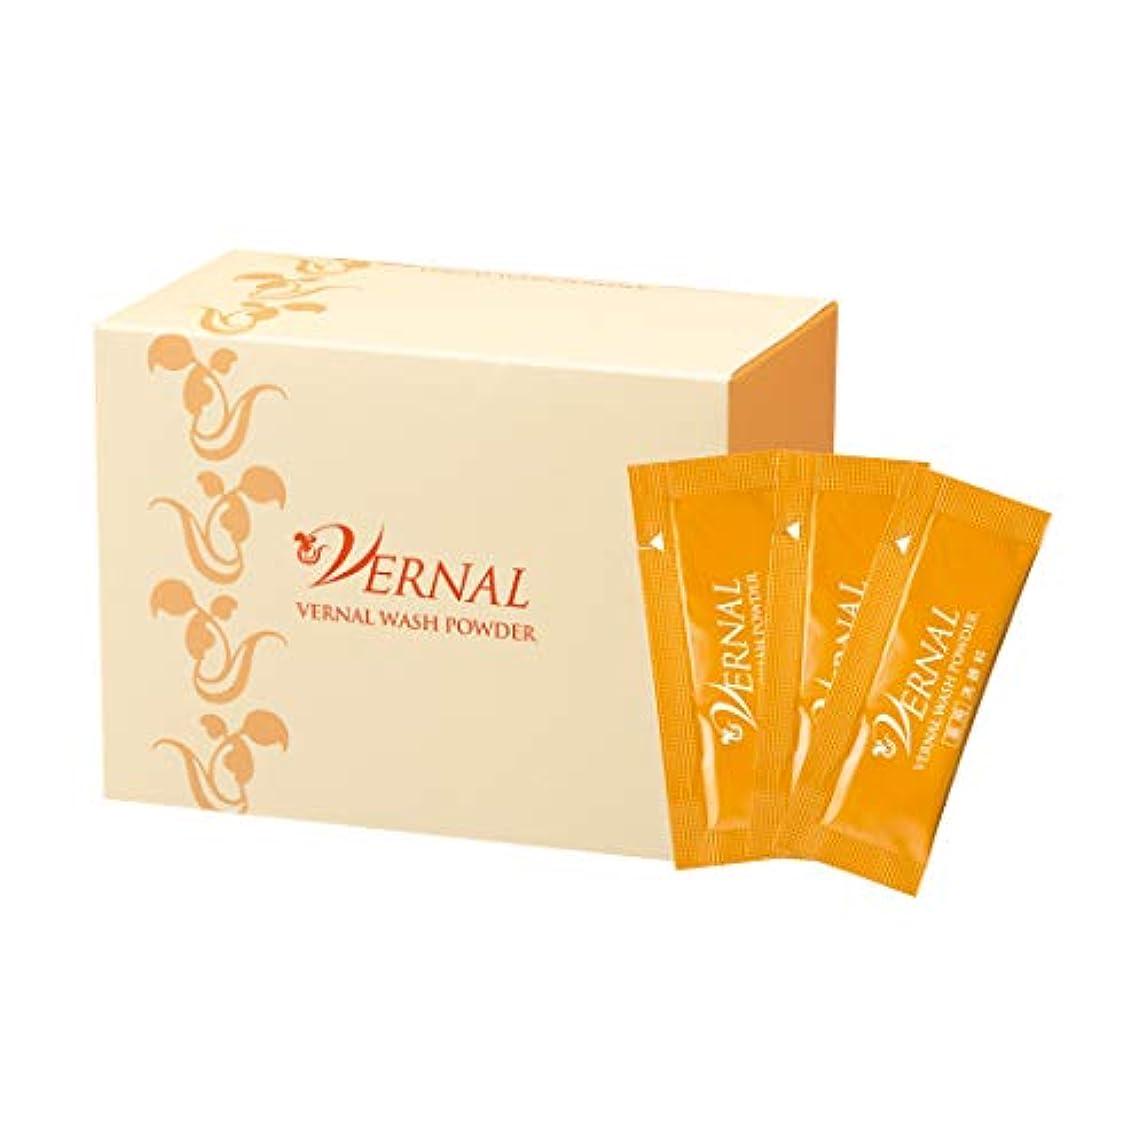 会議現実的ラリー薬用ウォッシュパウダー100包 90包のお値段で100包入り ヴァーナル 薬用 洗顔料 酵素洗顔